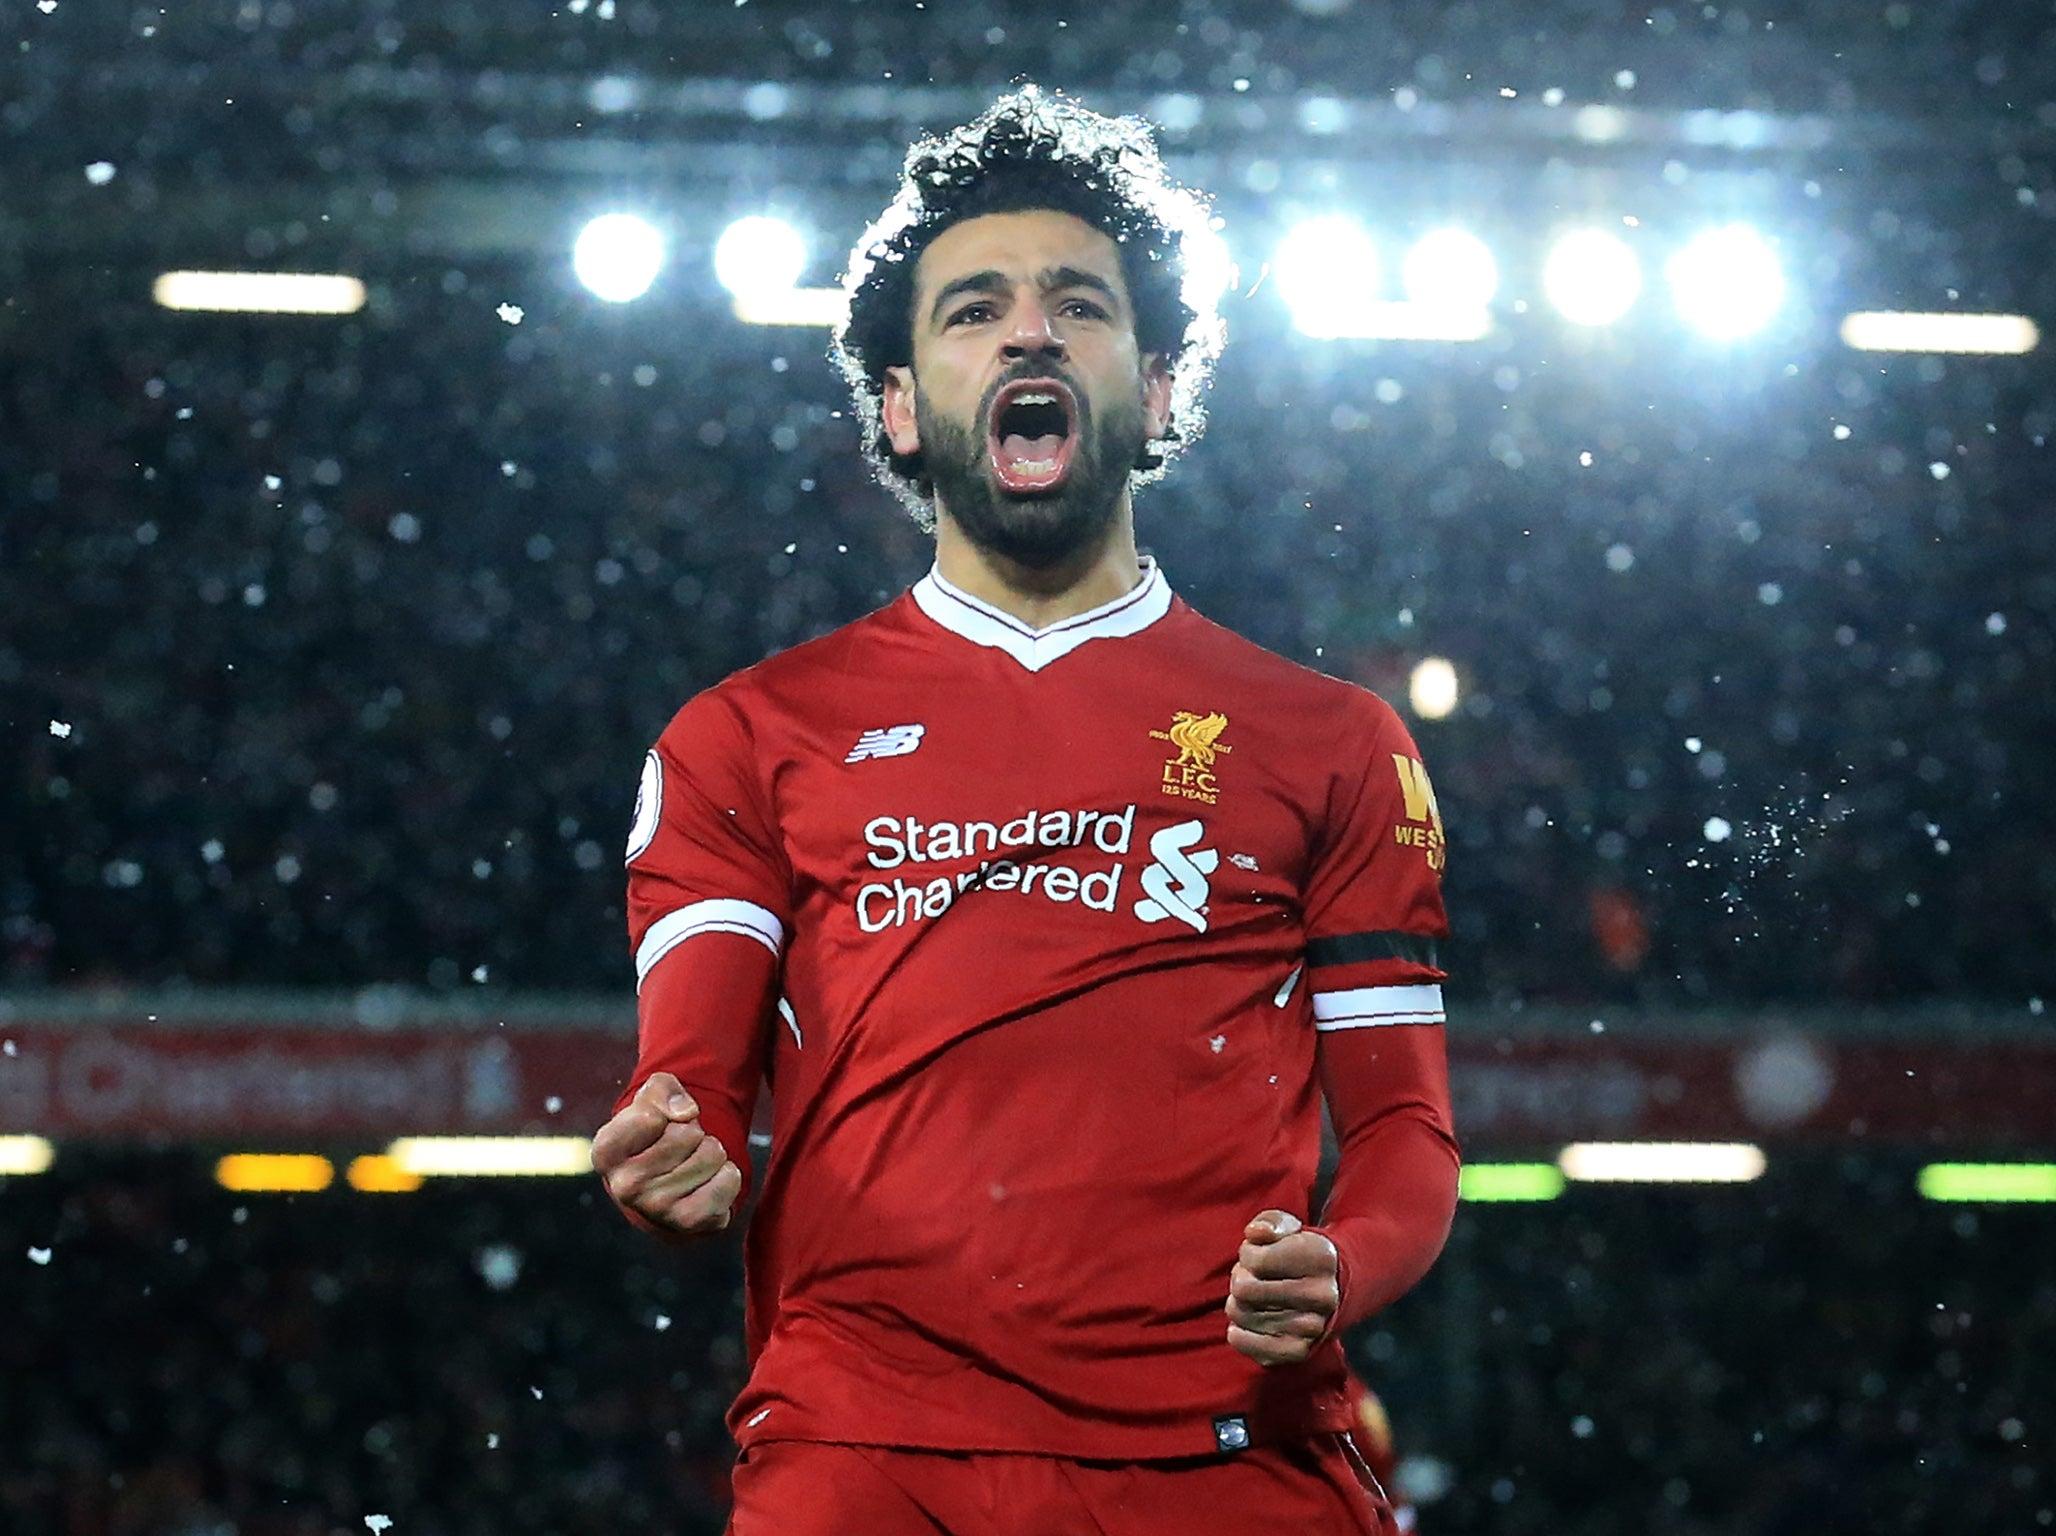 مصر-لیگ برتر-وی ای آر-لیورپول-Liverpool-Egypt-Primier League-VAR